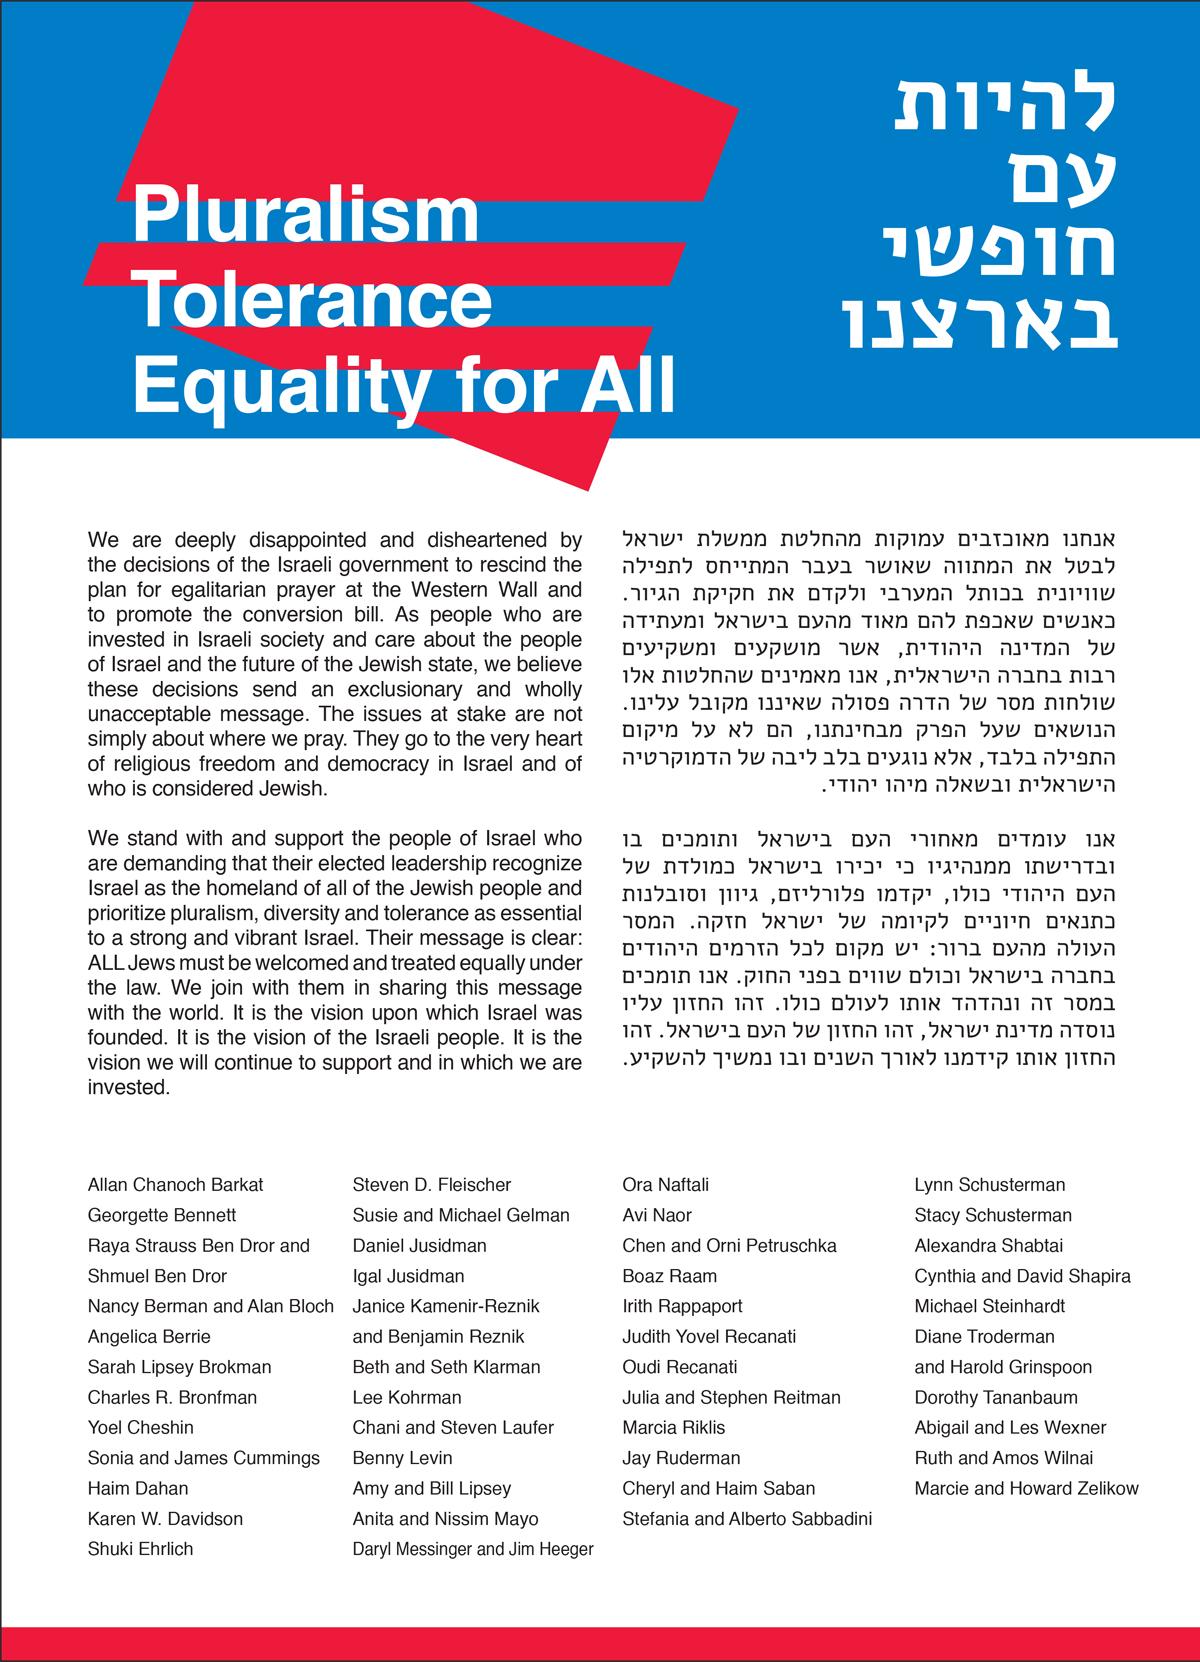 pluralism.jpg